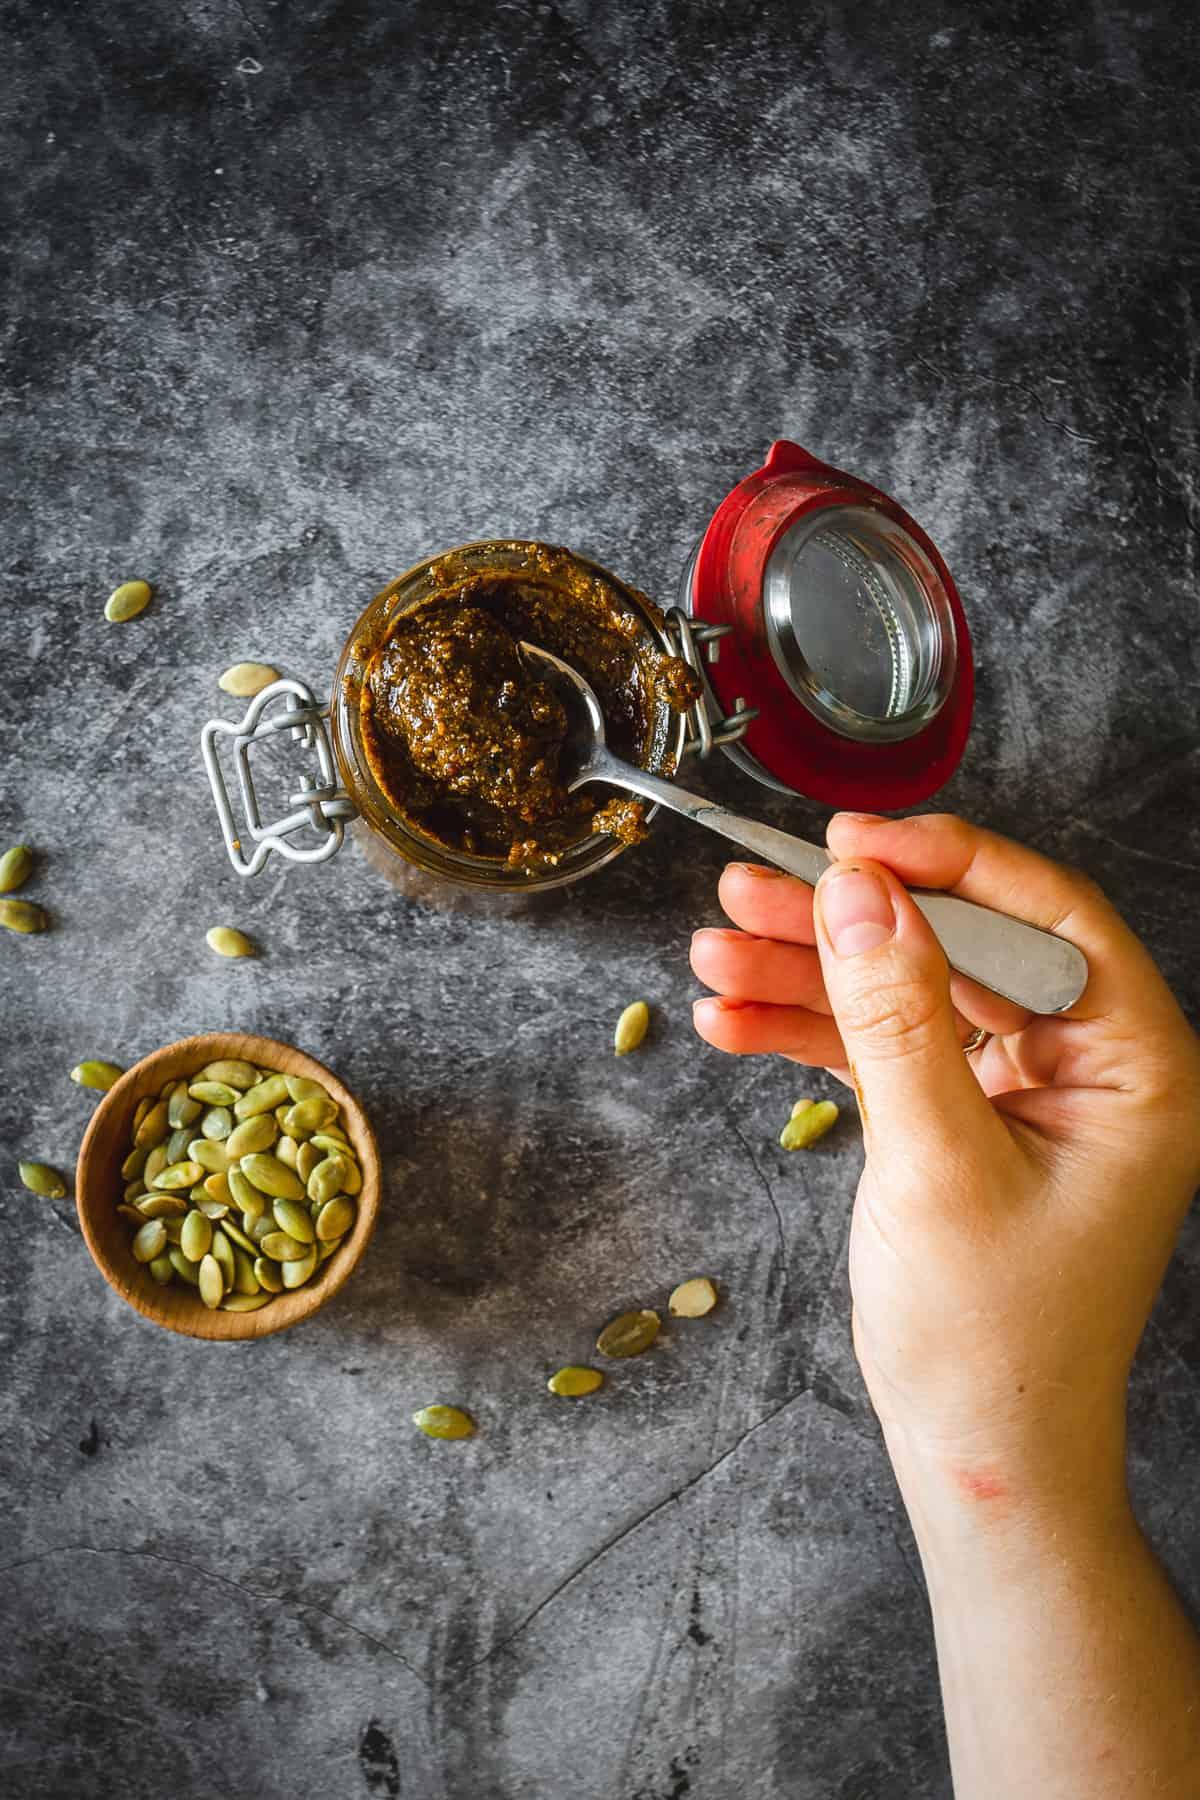 lifting a spoon from a jar of pepita salsa